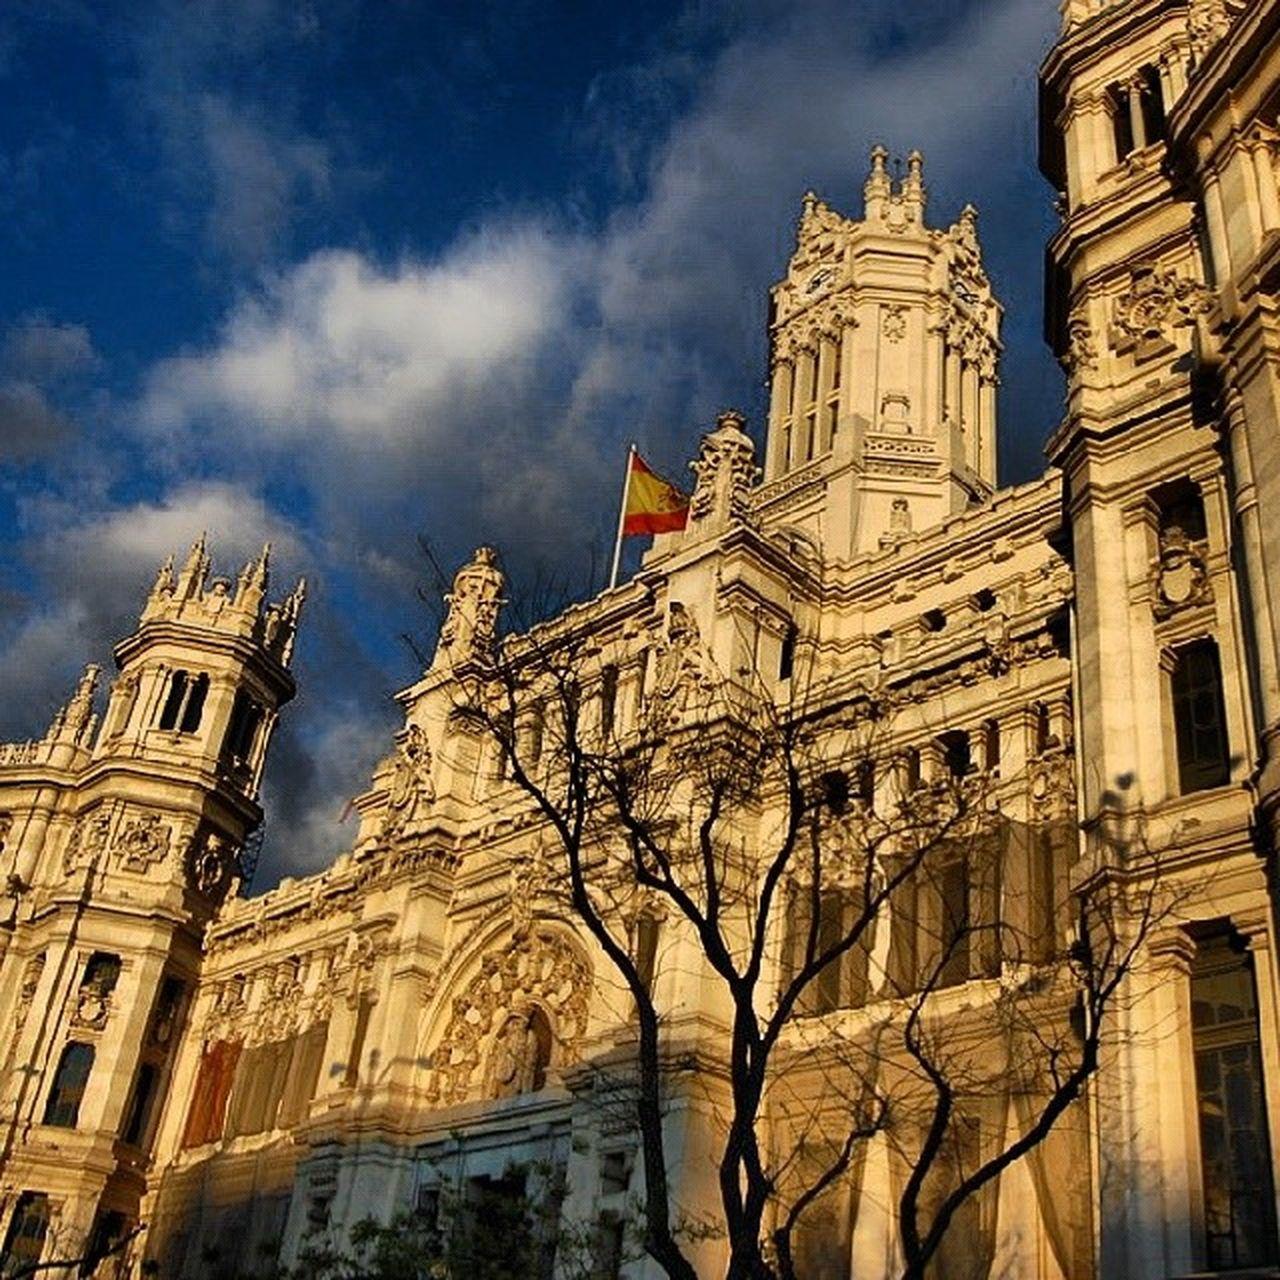 Telecomunicaciones Madrid Cibeles Espa ña SPAIN dotspin